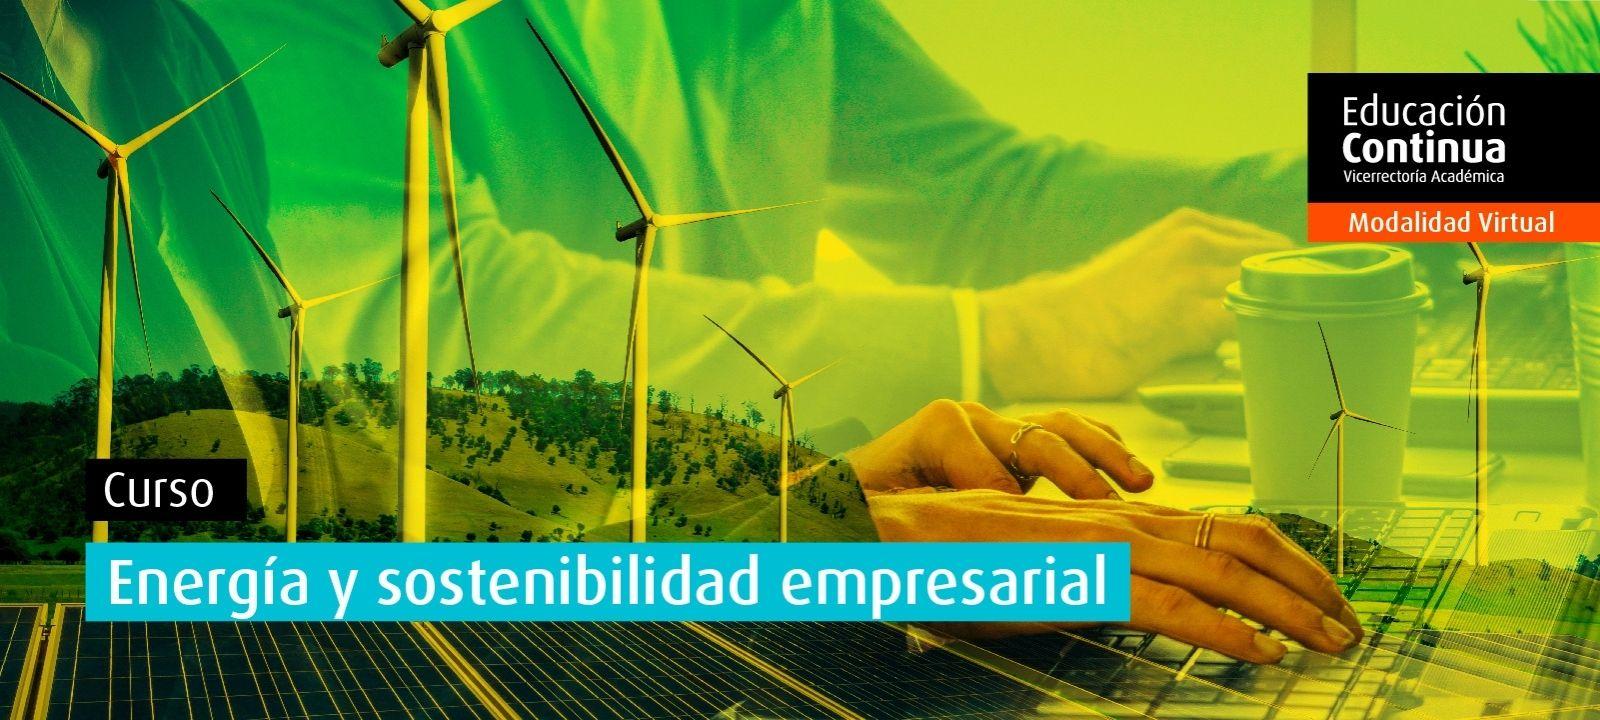 Curso virtual | Energía y sostenibilidad empresarial para líderes